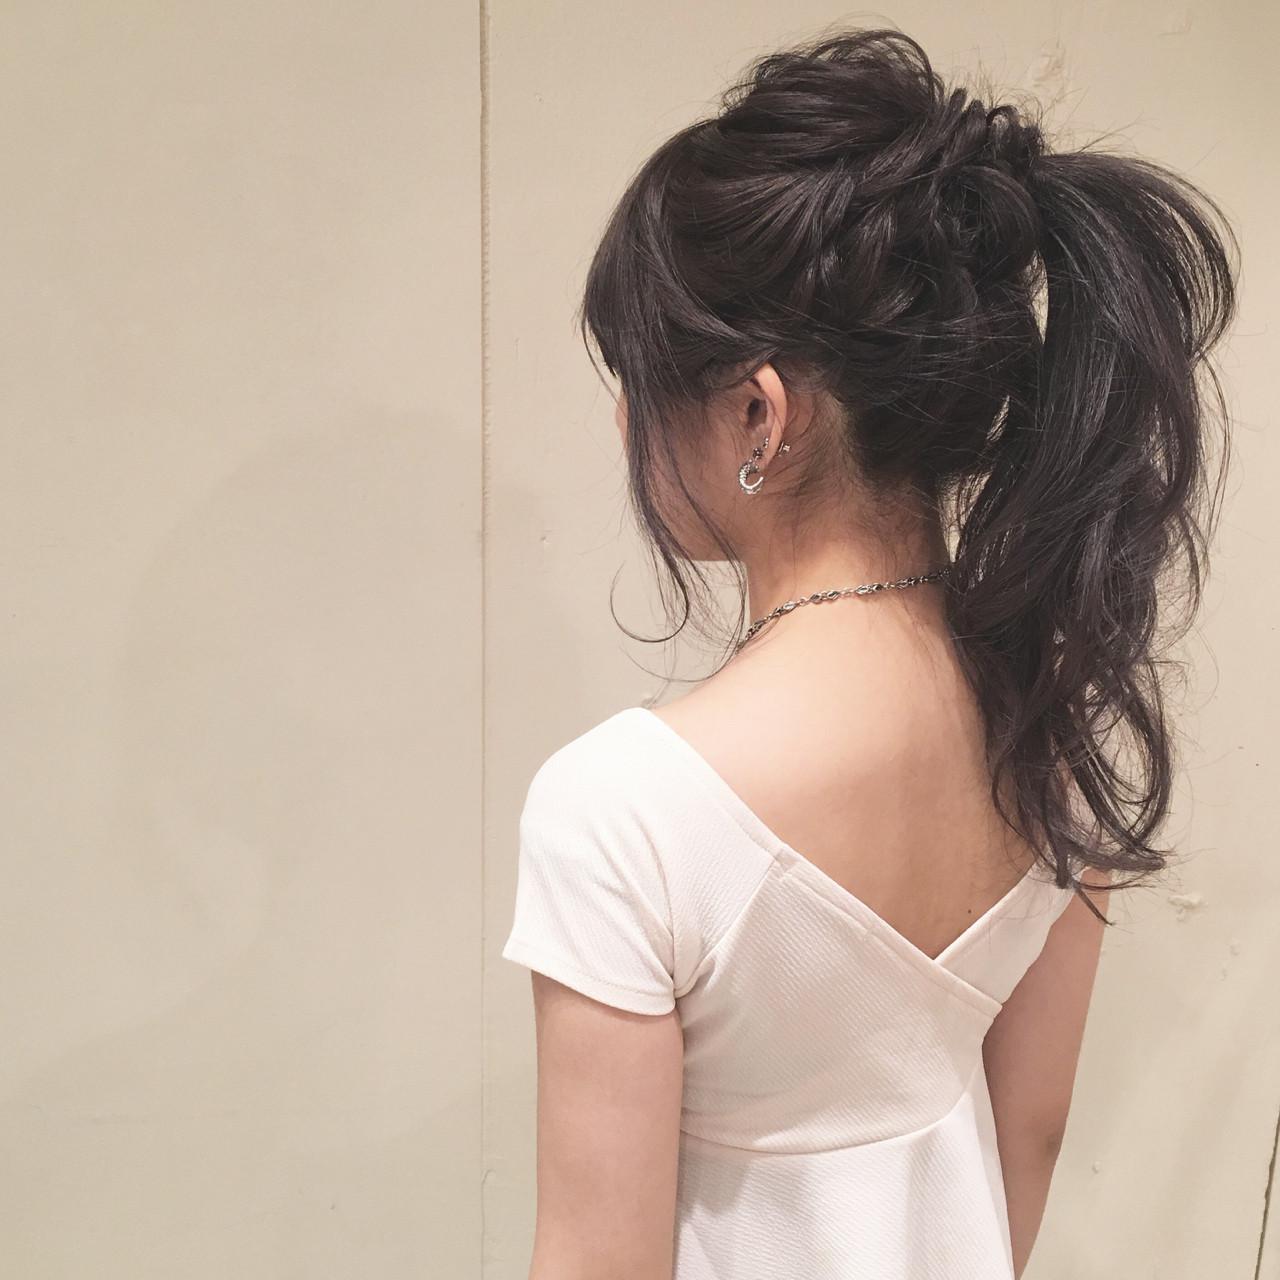 ポニーテール ナチュラル ヘアアレンジ ロング ヘアスタイルや髪型の写真・画像